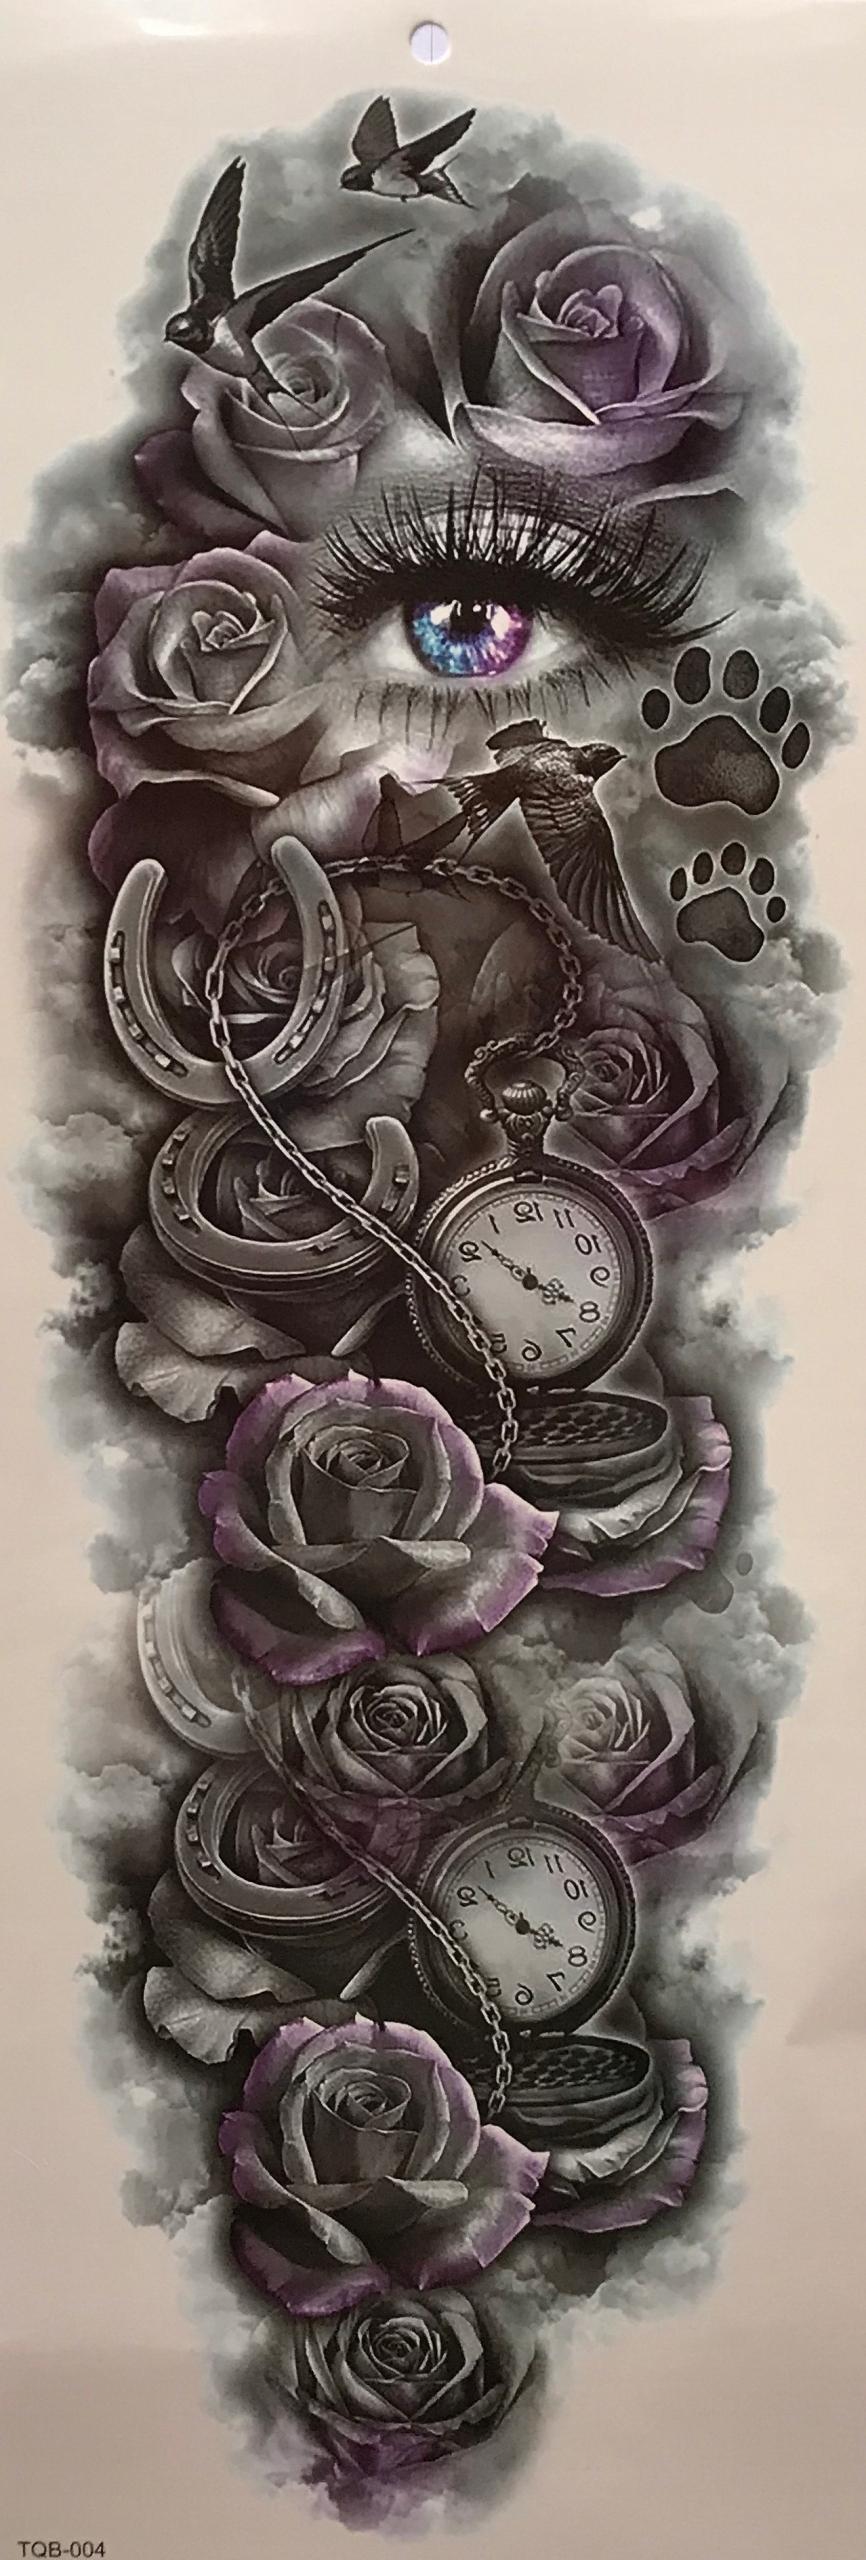 Tatuaż Rękaw Zegar Kwiat Oko Ptak Czas Podkowa 1